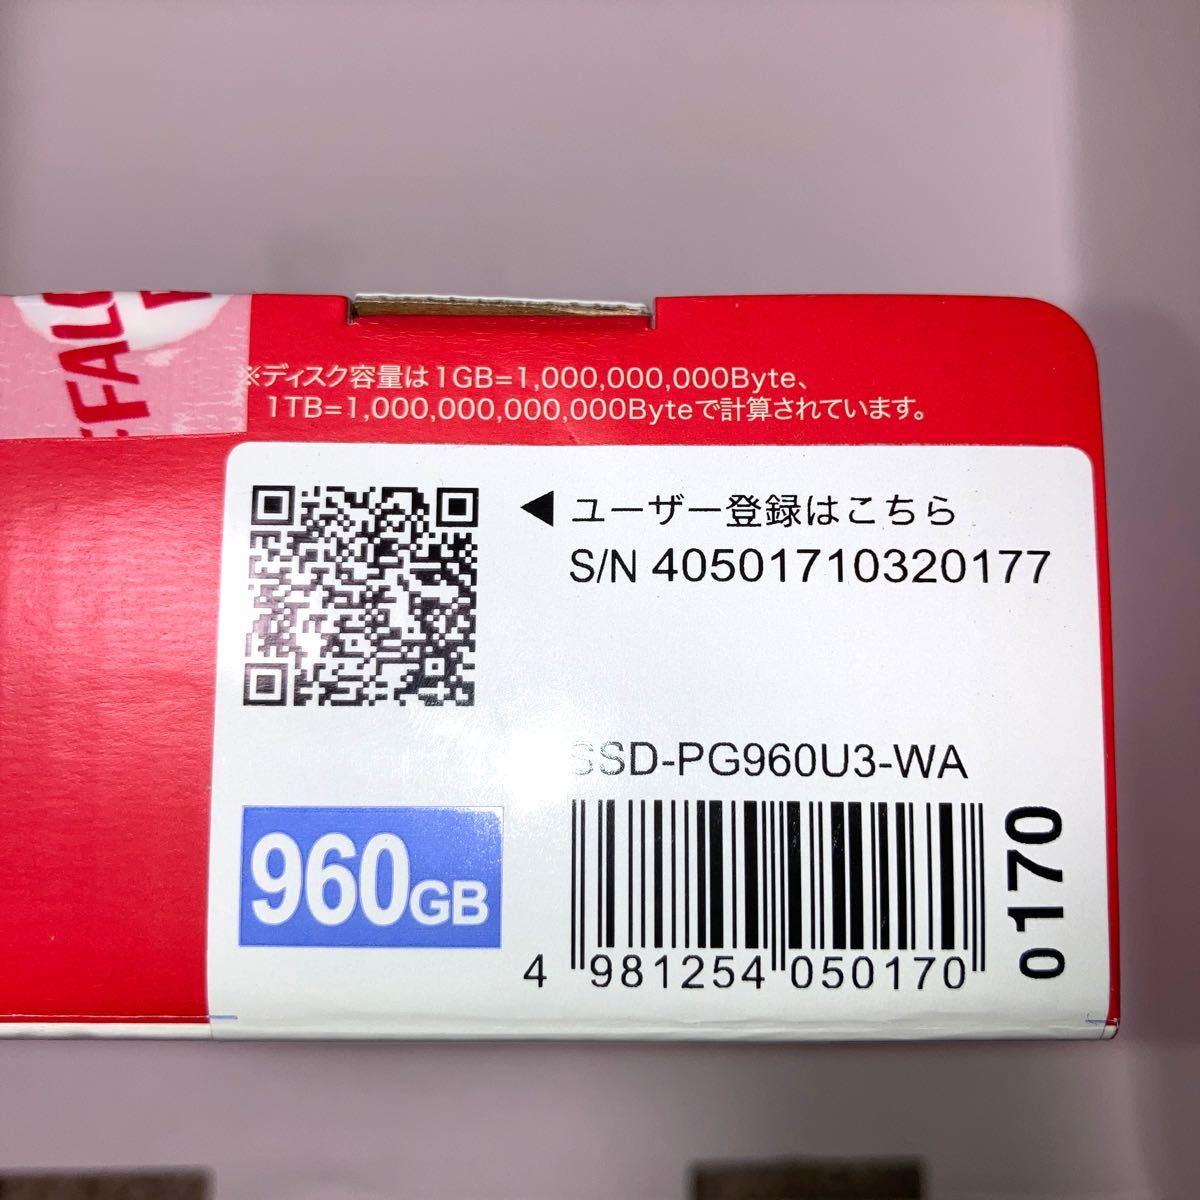 [新品]BUFFALO パソコン用ポータブルSSD 960GB SSD-PG960U3-WA PS4動作確認済